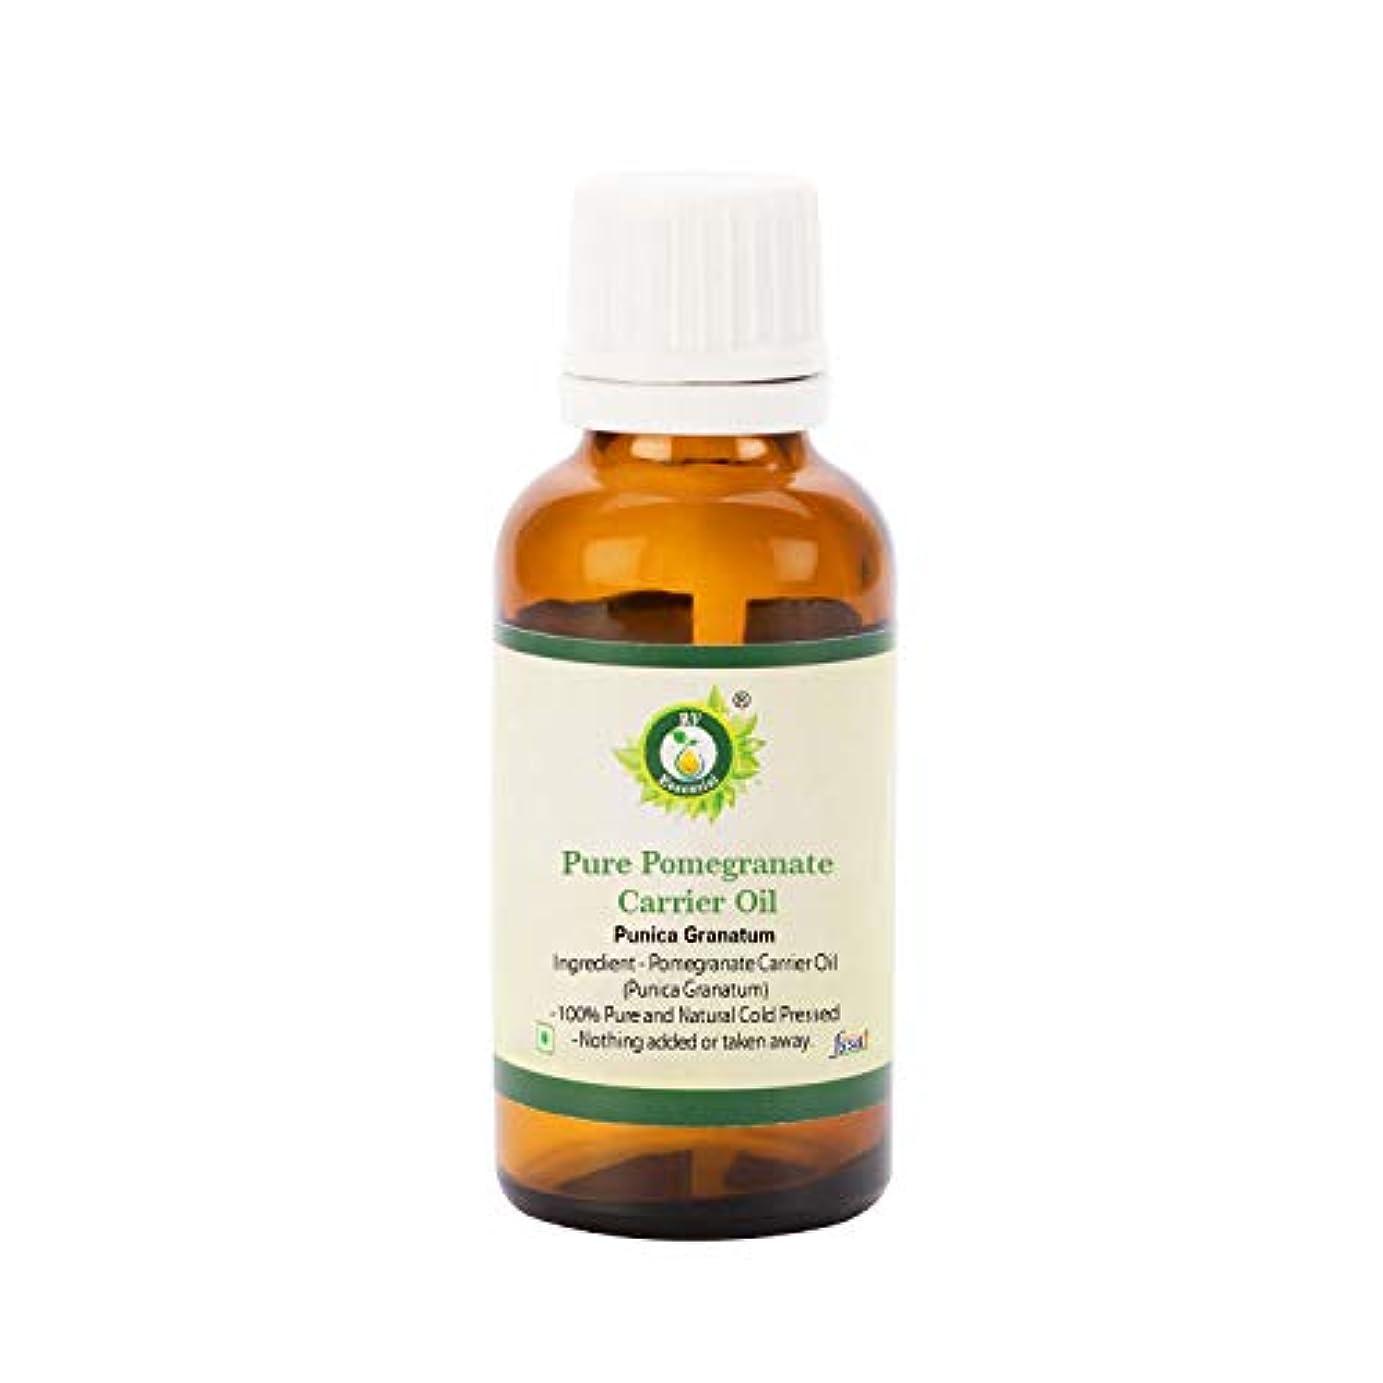 ファンタジー習慣病気R V Essential 純粋なザクロのキャリアオイル30ml (1.01oz)- Punica Granatum (100%ピュア&ナチュラルコールドPressed) Pure Pomegranate Carrier...